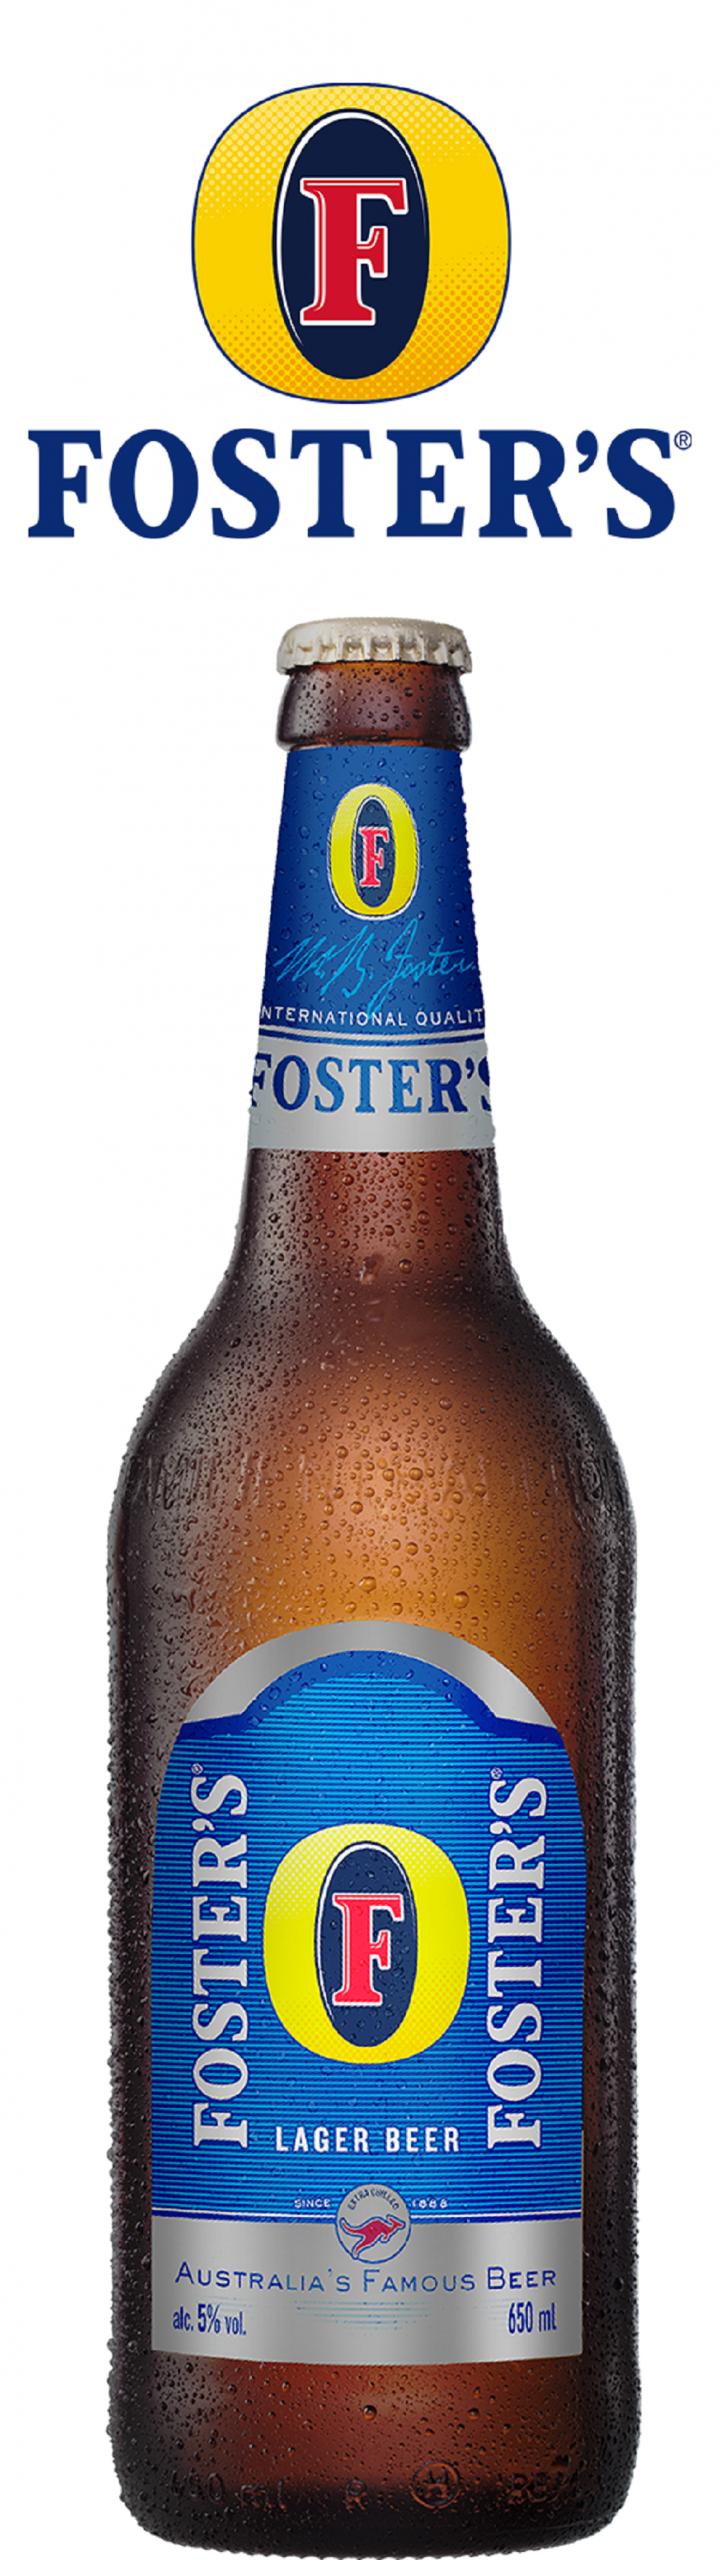 फोस्टर्स लागर बियर अब नेपालमा